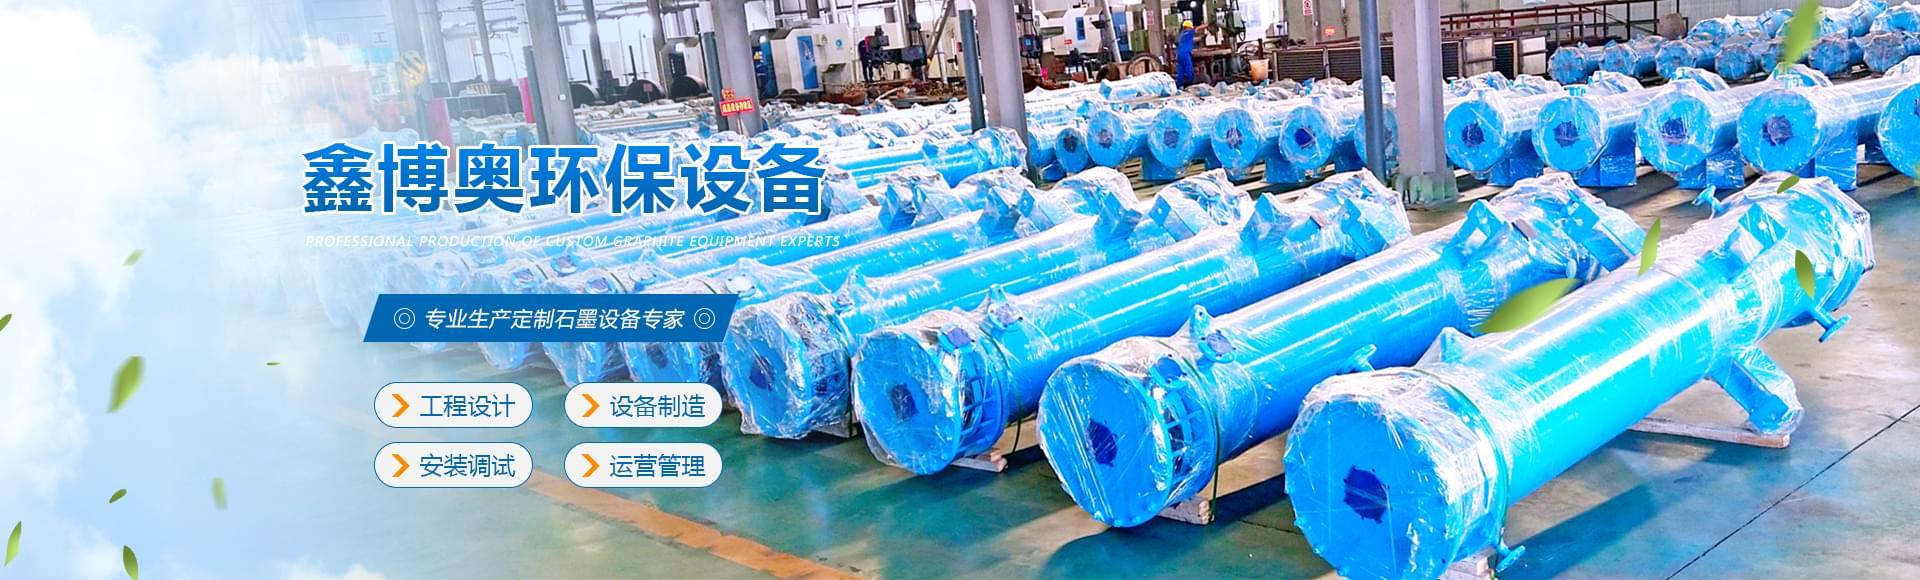 石墨换热器厂家青岛鑫博奥环保设备有限公司